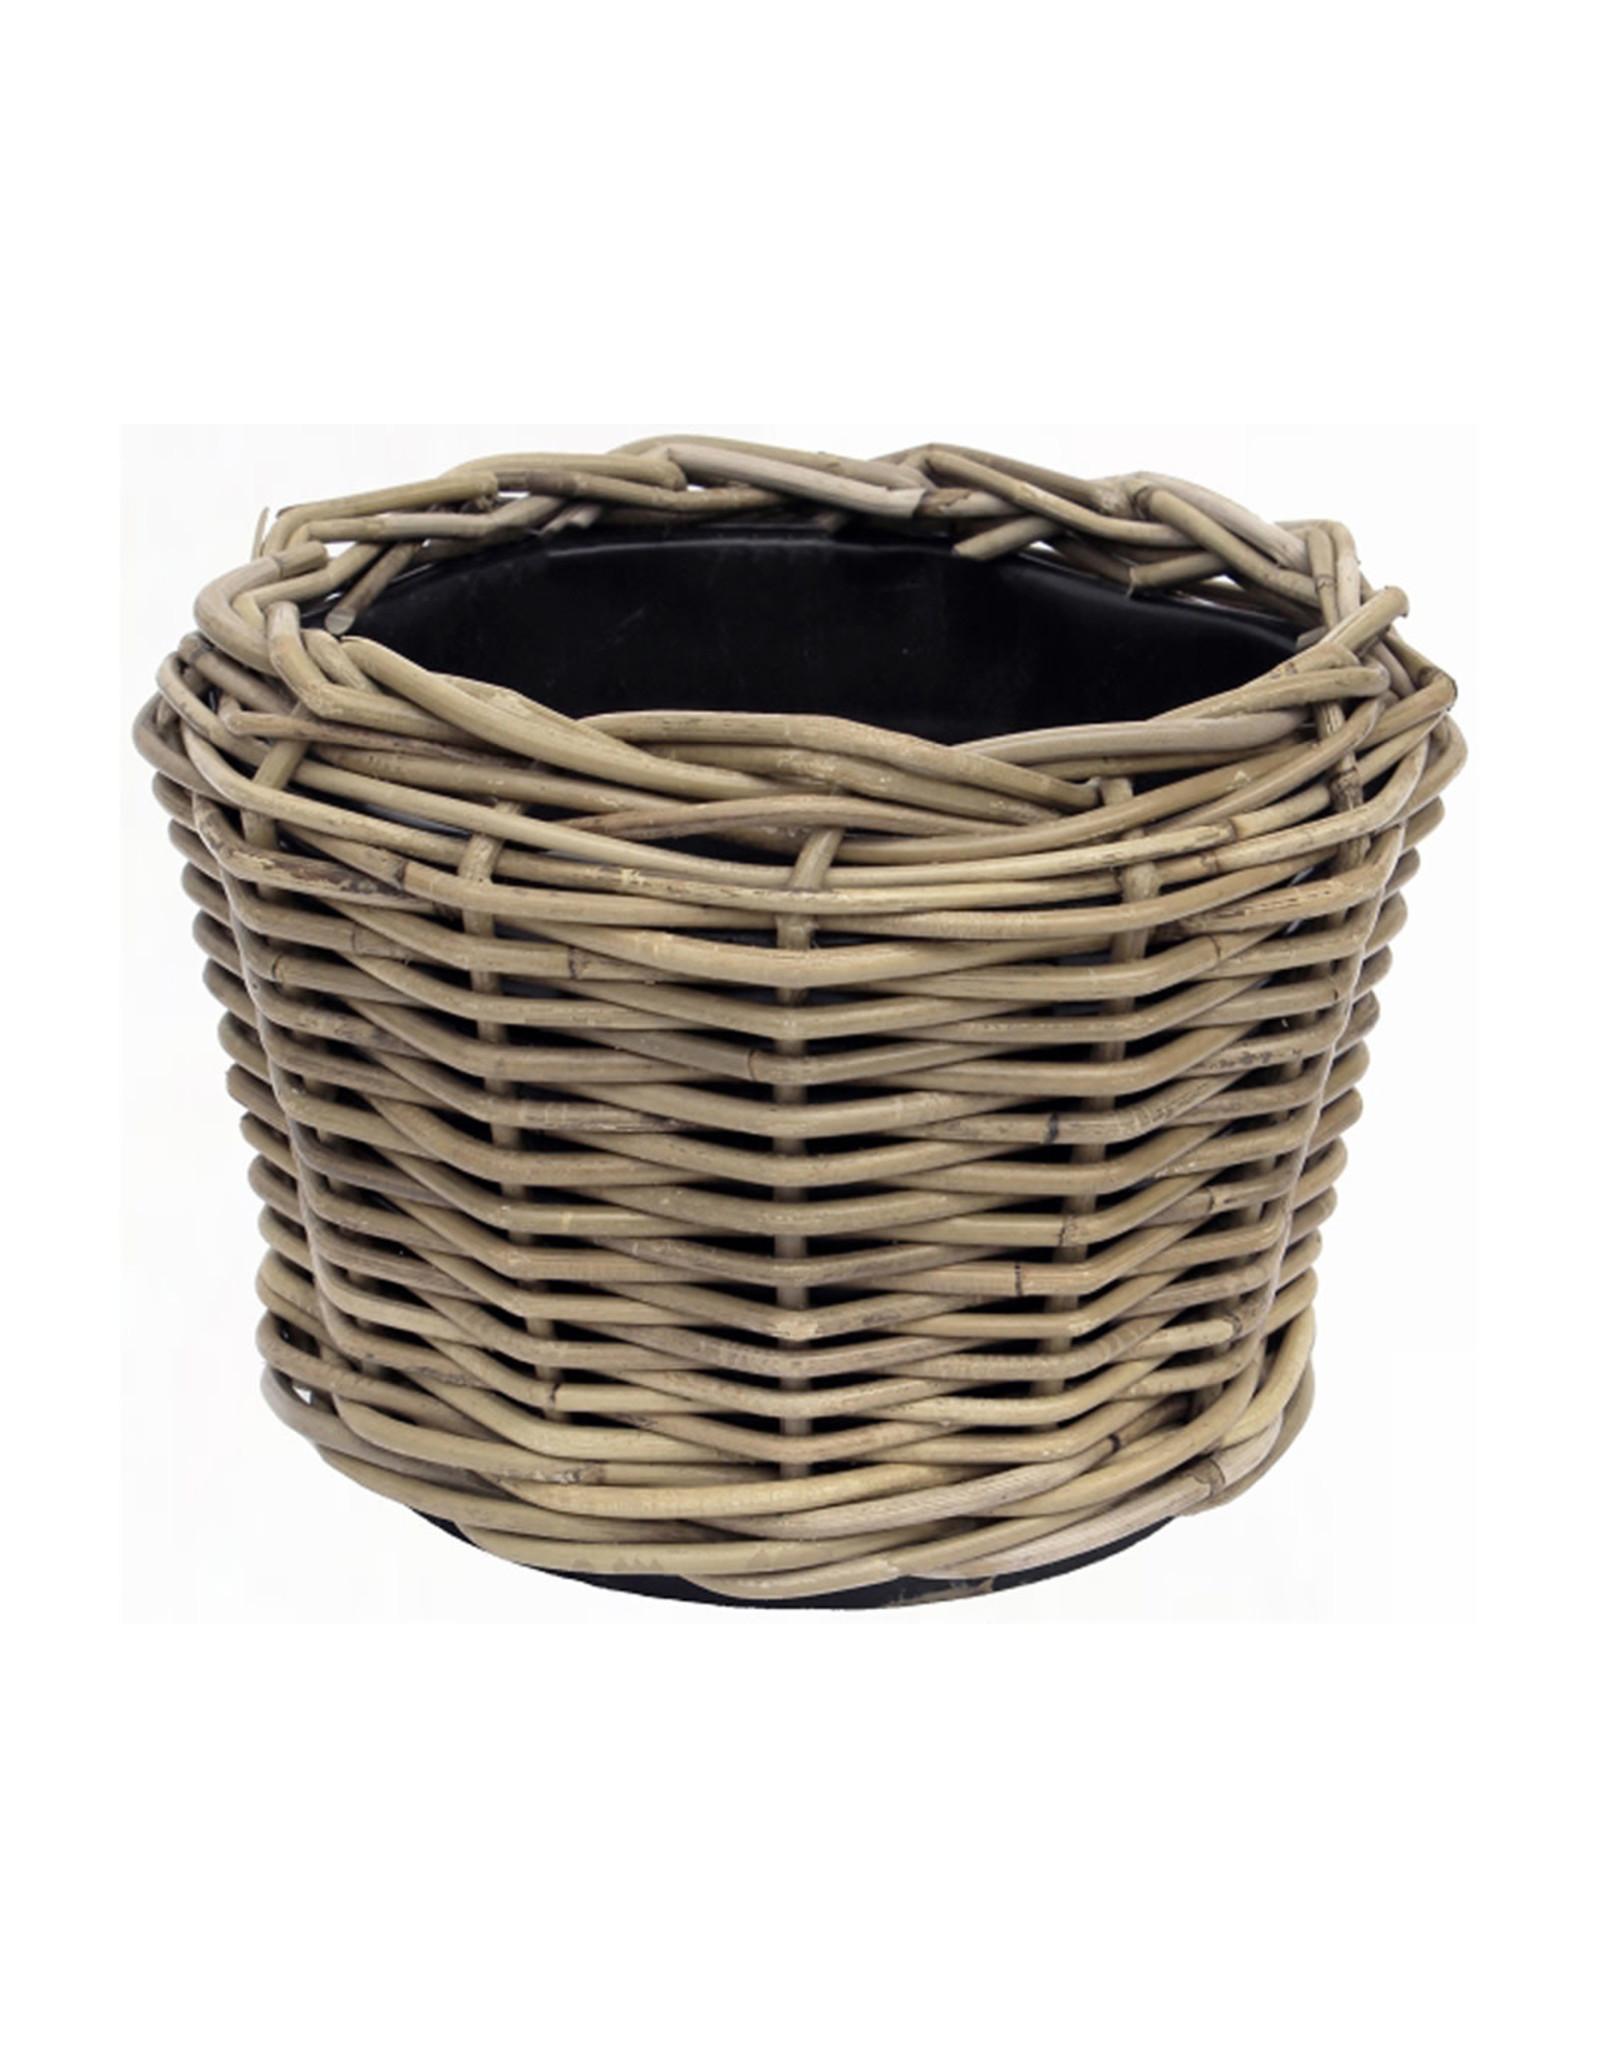 Van der Leeden Mandwerk Drypot Planter - Rattan Grey